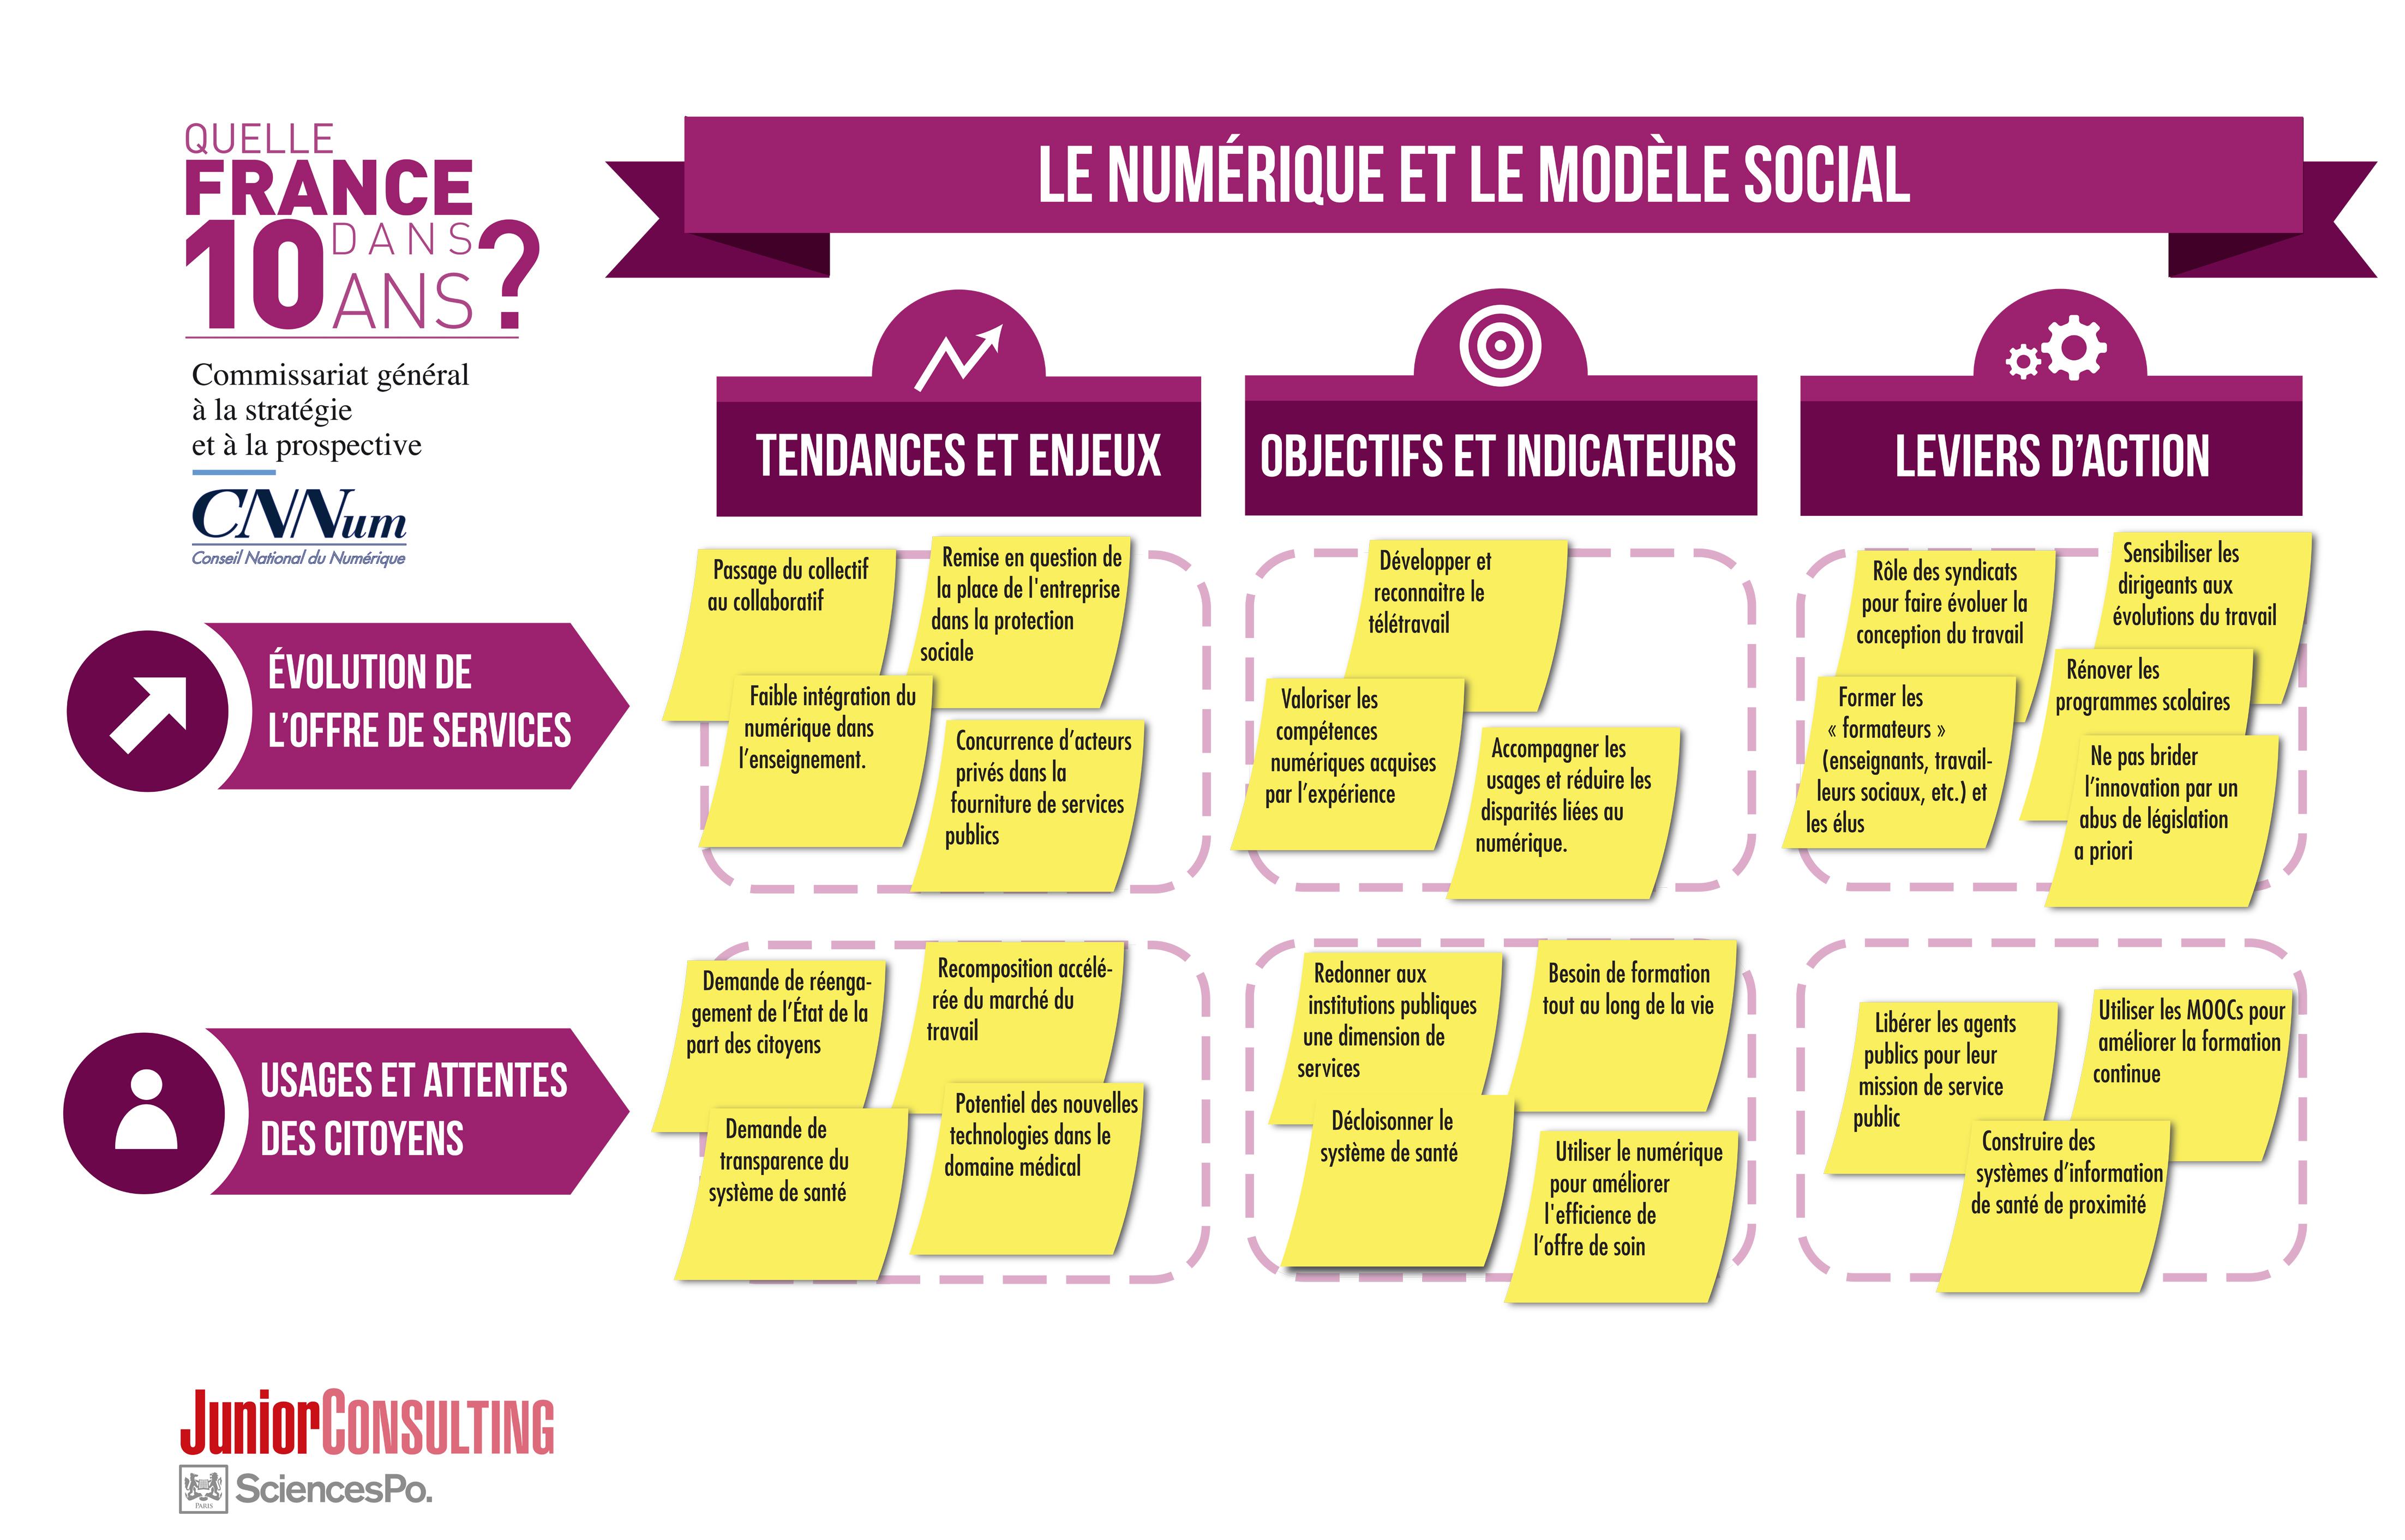 Le numérique et le modèle social